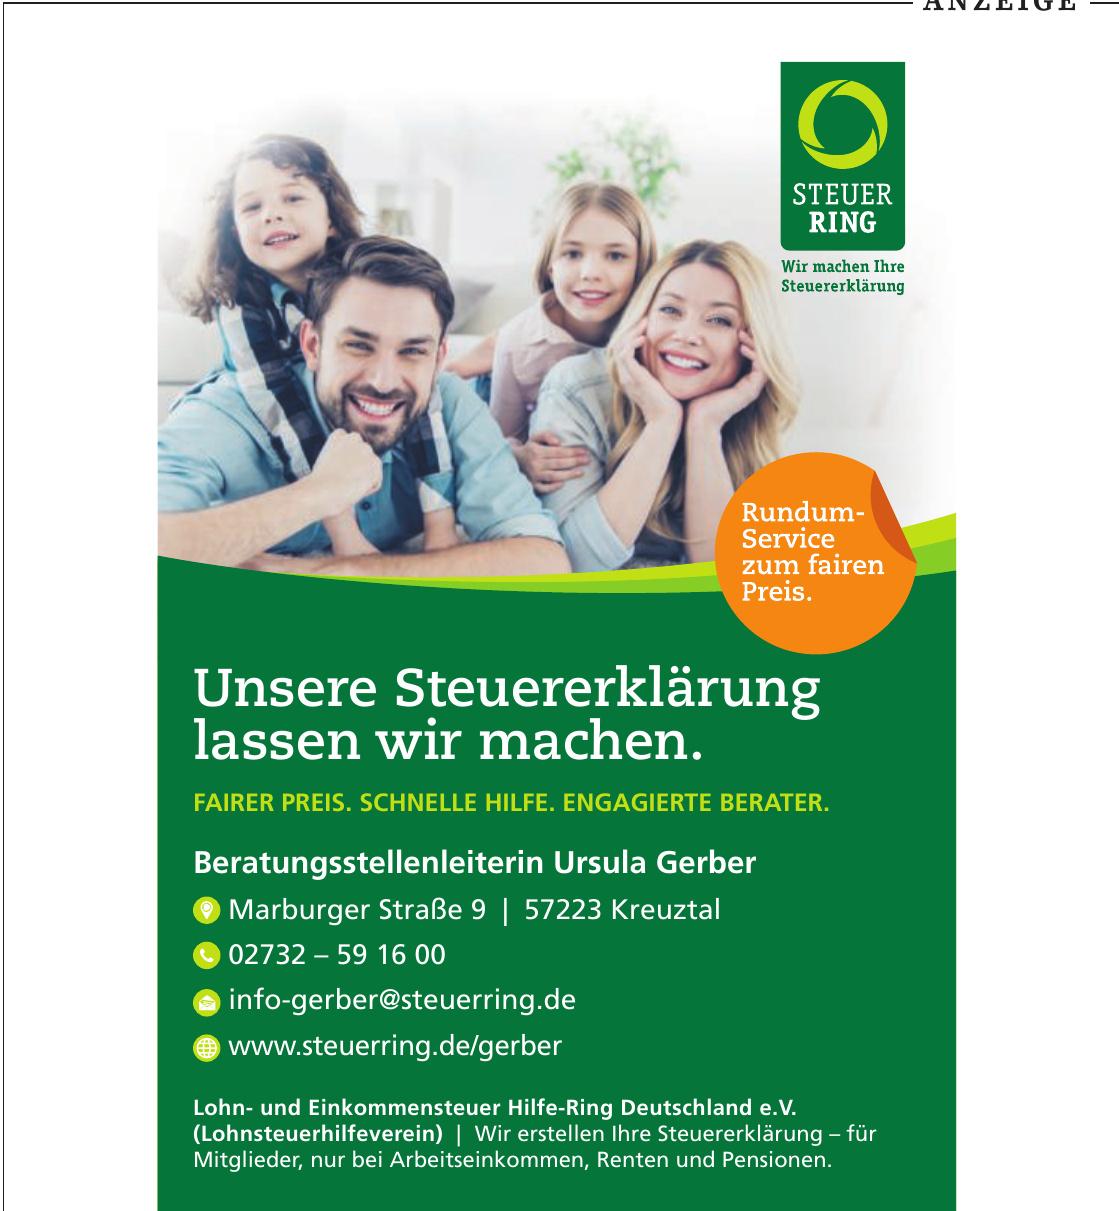 Lohn- und Einkommensteuer Hilfe-Ring Deutschland e.V. (Lohnsteuerhilfeverein), Beratungsstellenleiterin Ursula Gerber